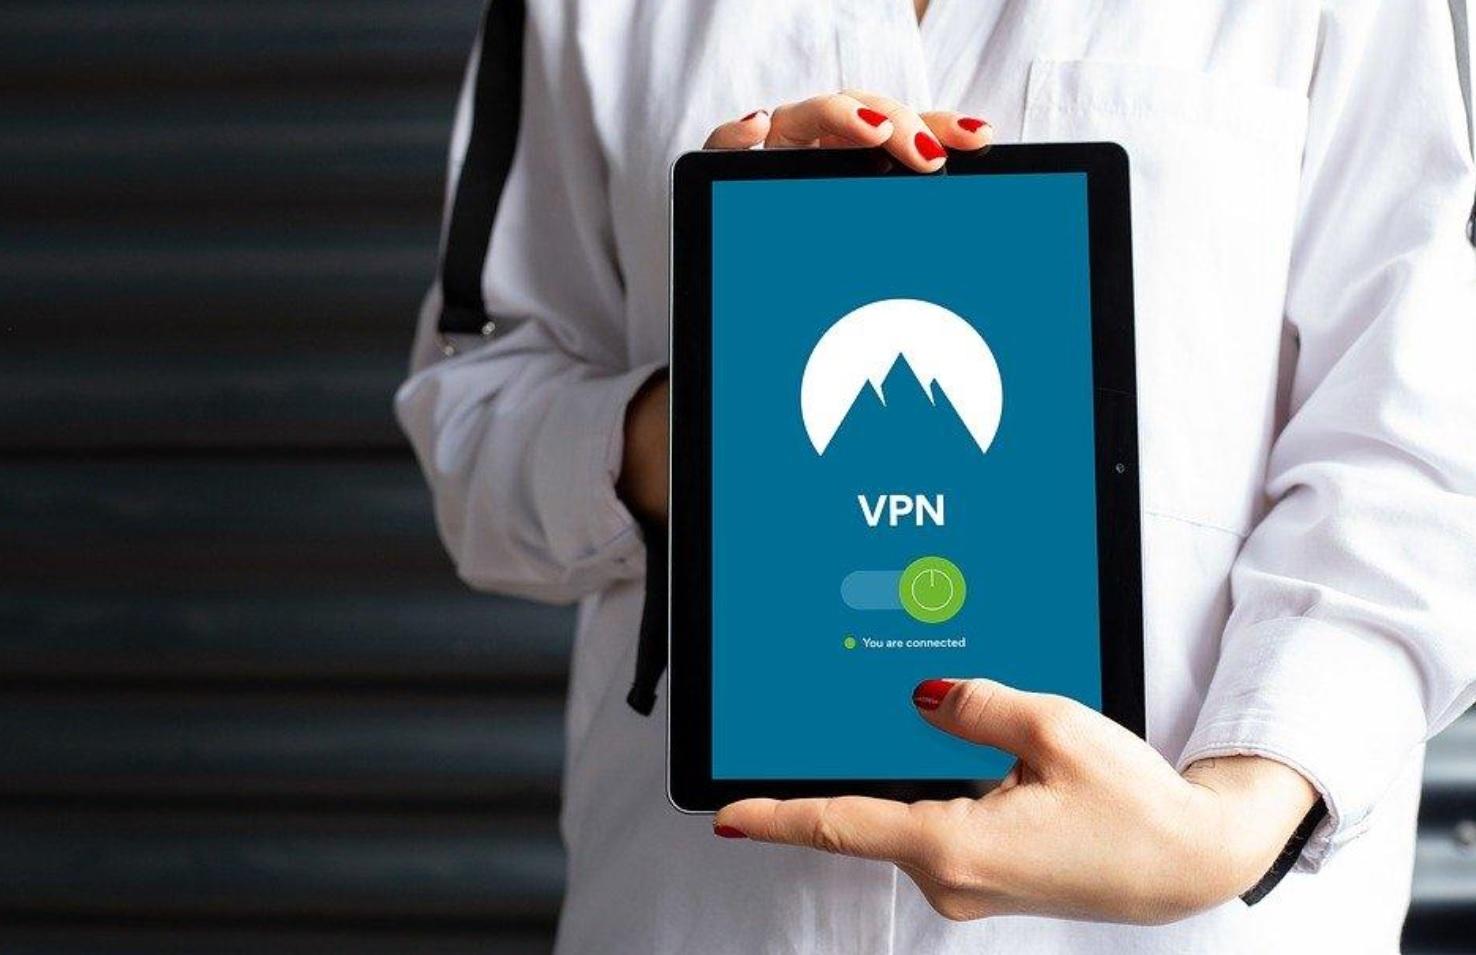 VPN used for online gambling